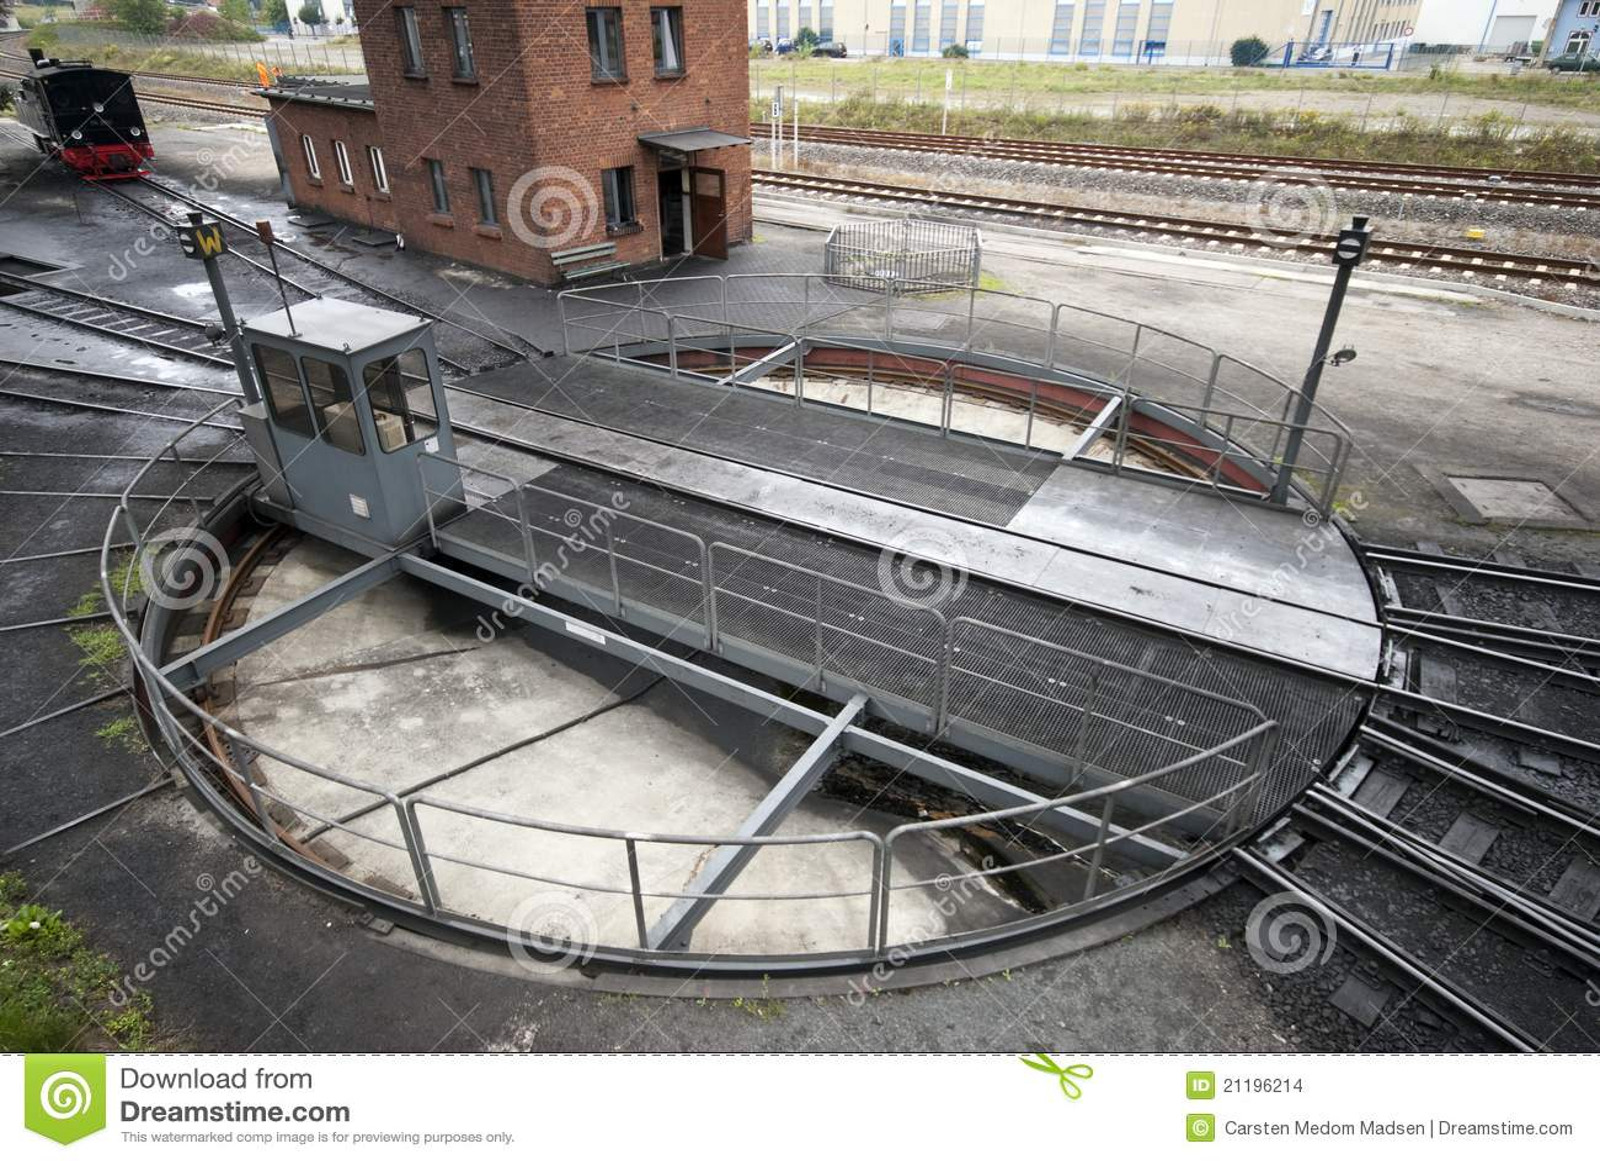 Piattaforma girevole ferroviaria fotografia stock for Piani di piattaforma di piattaforma